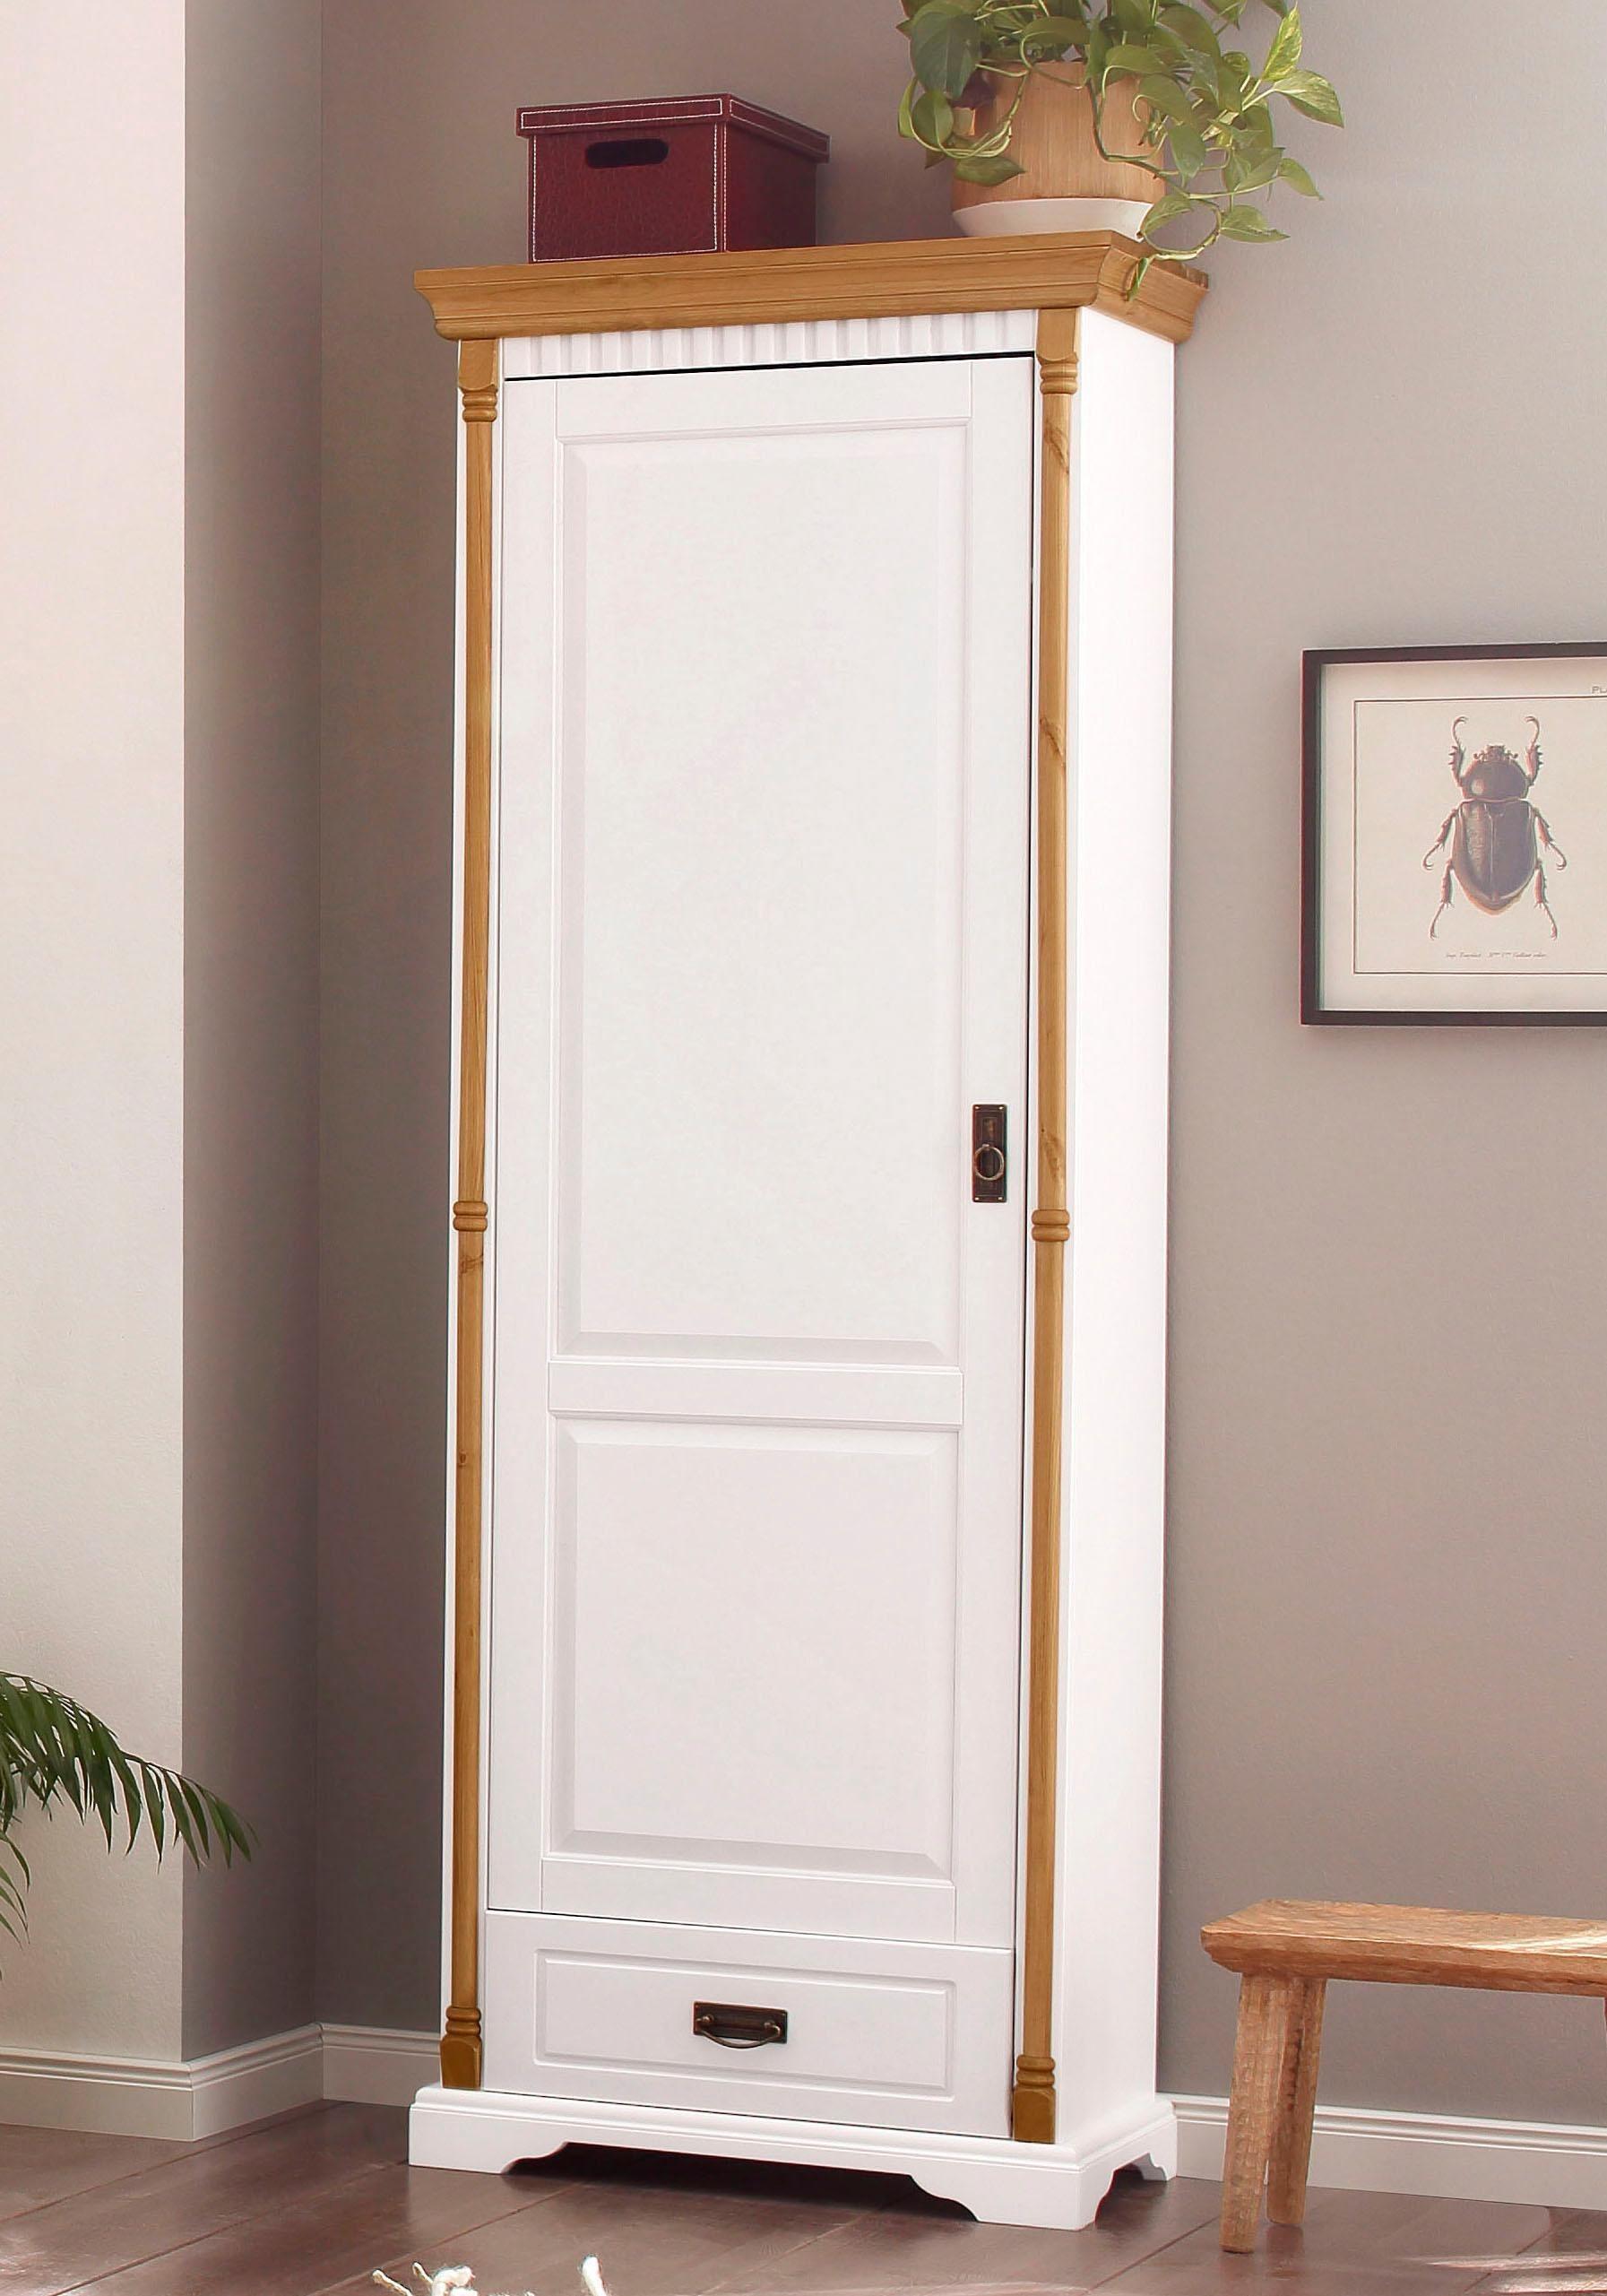 Home affaire Garderobenschrank «Graz», aus massiver Kiefer, Breite 72 cm | Flur & Diele > Garderoben > Garderobenschränke | Massiver | Home affaire